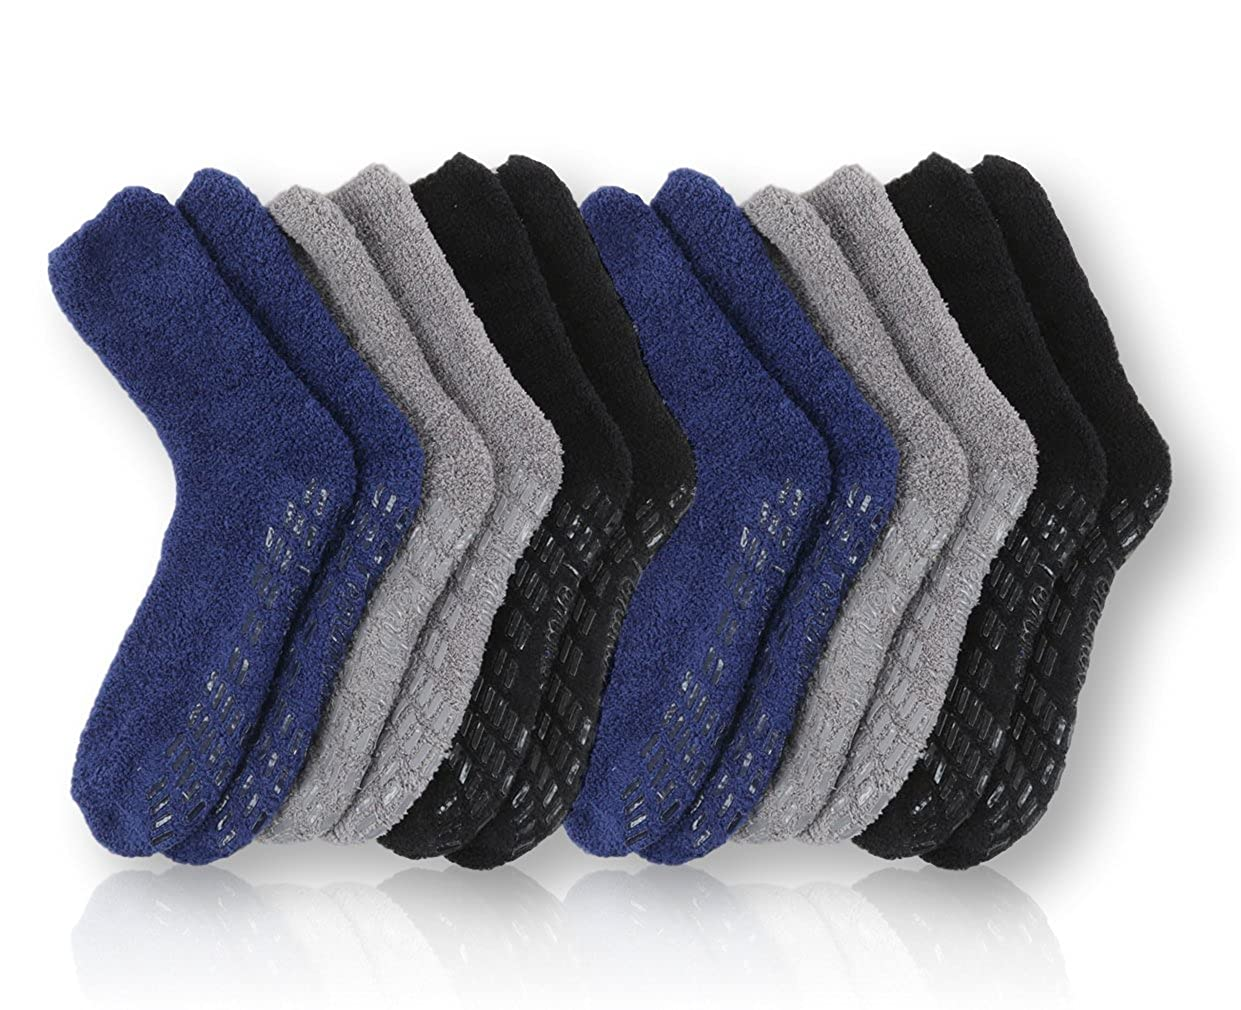 Pembrook Non Skid/Slip Socks – Hospital Socks - Fuzzy Slipper Gripper Socks men 104900A002